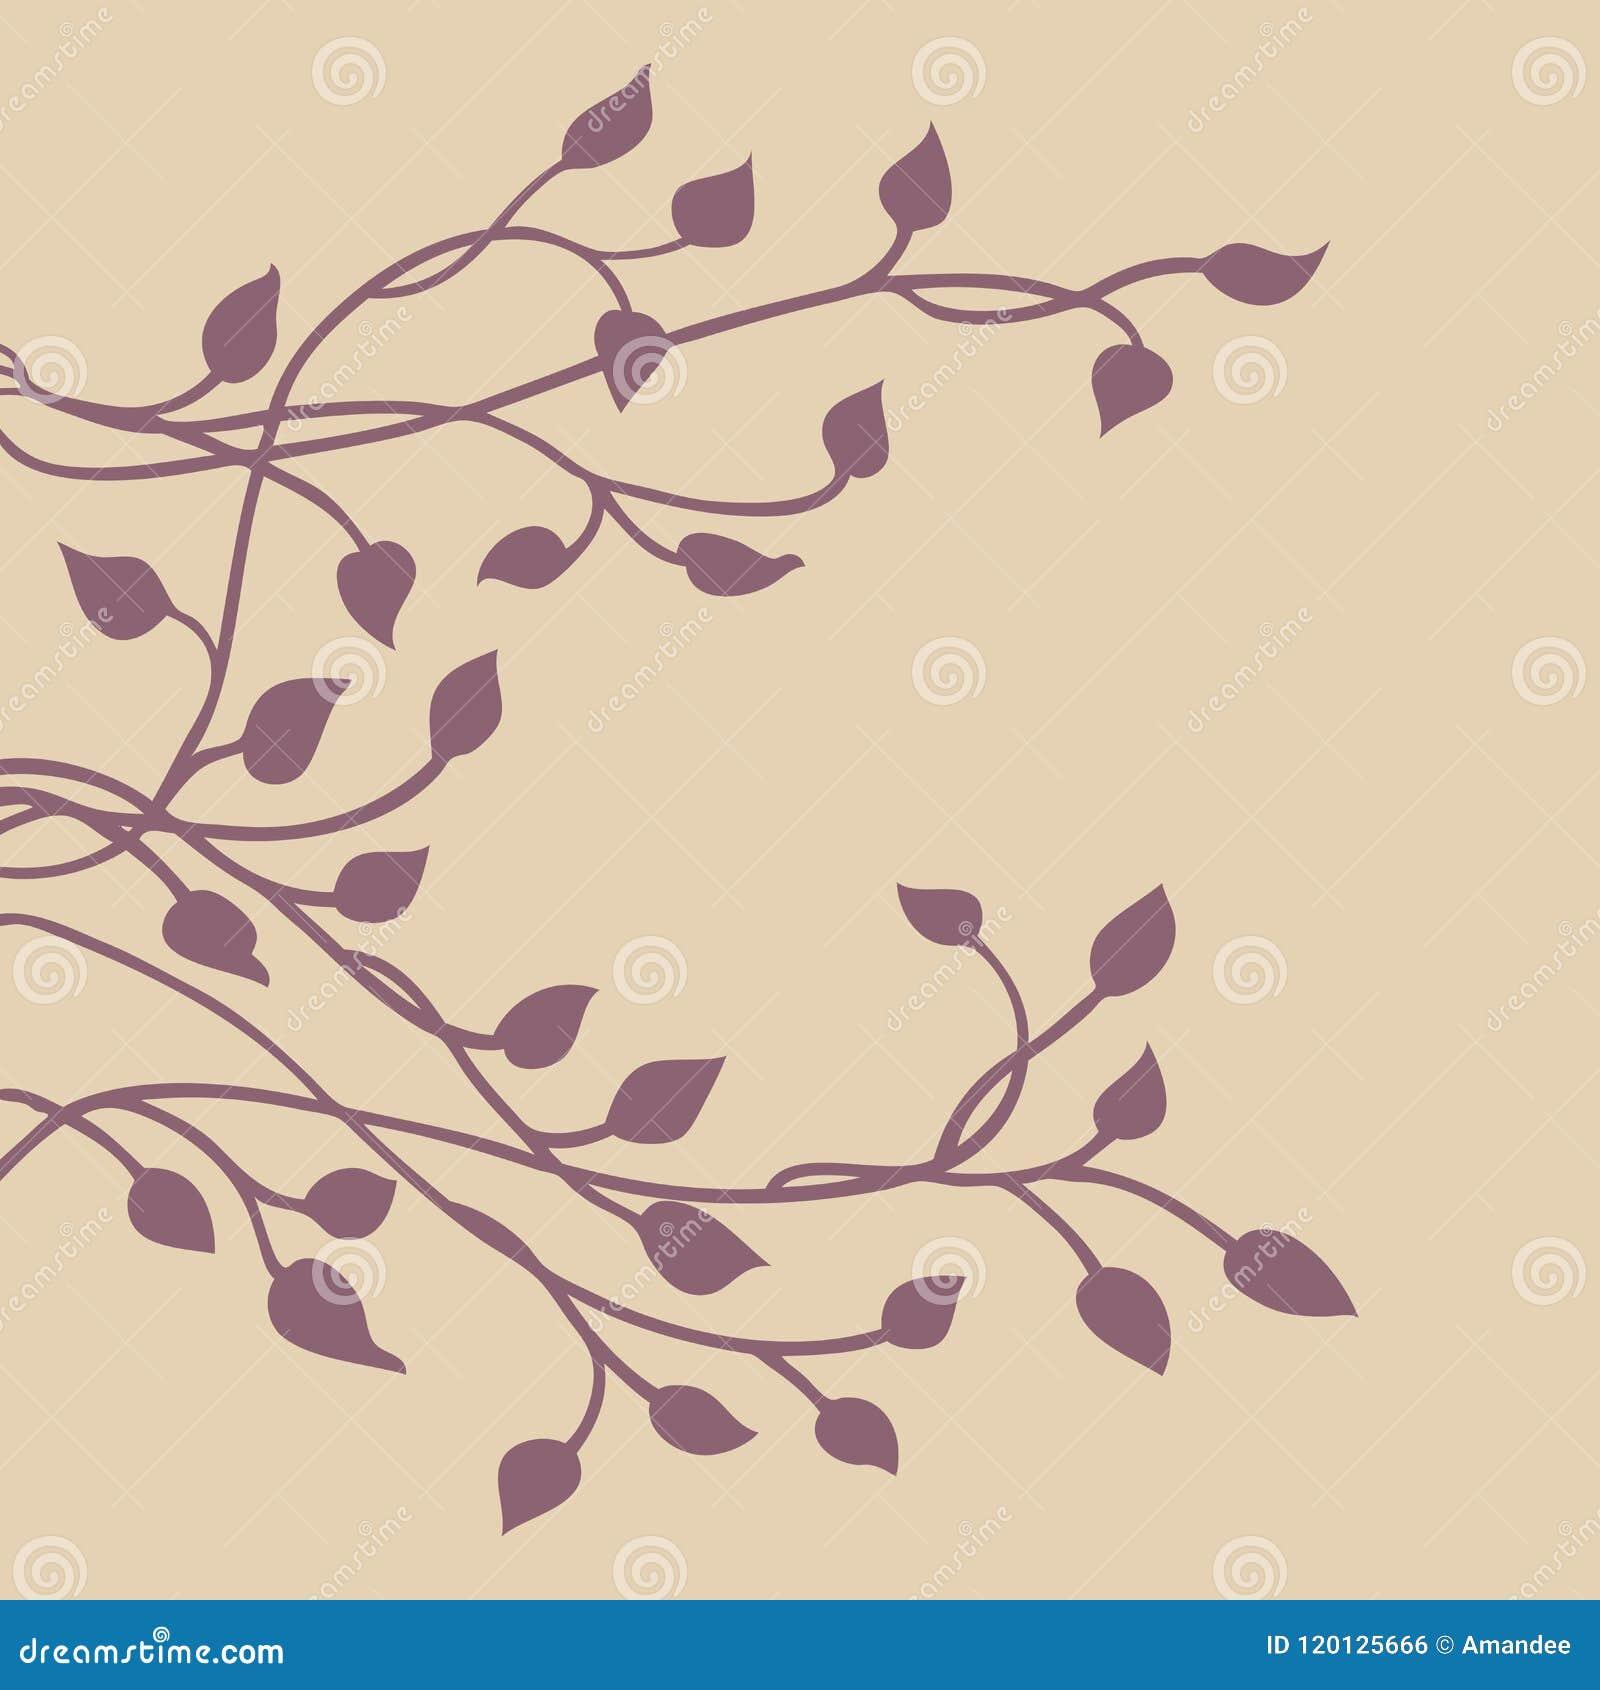 Silueta de la vid de la hiedra, elemento lateral decorativo floral púrpura elegante del diseño de la frontera de hojas, diseño bo